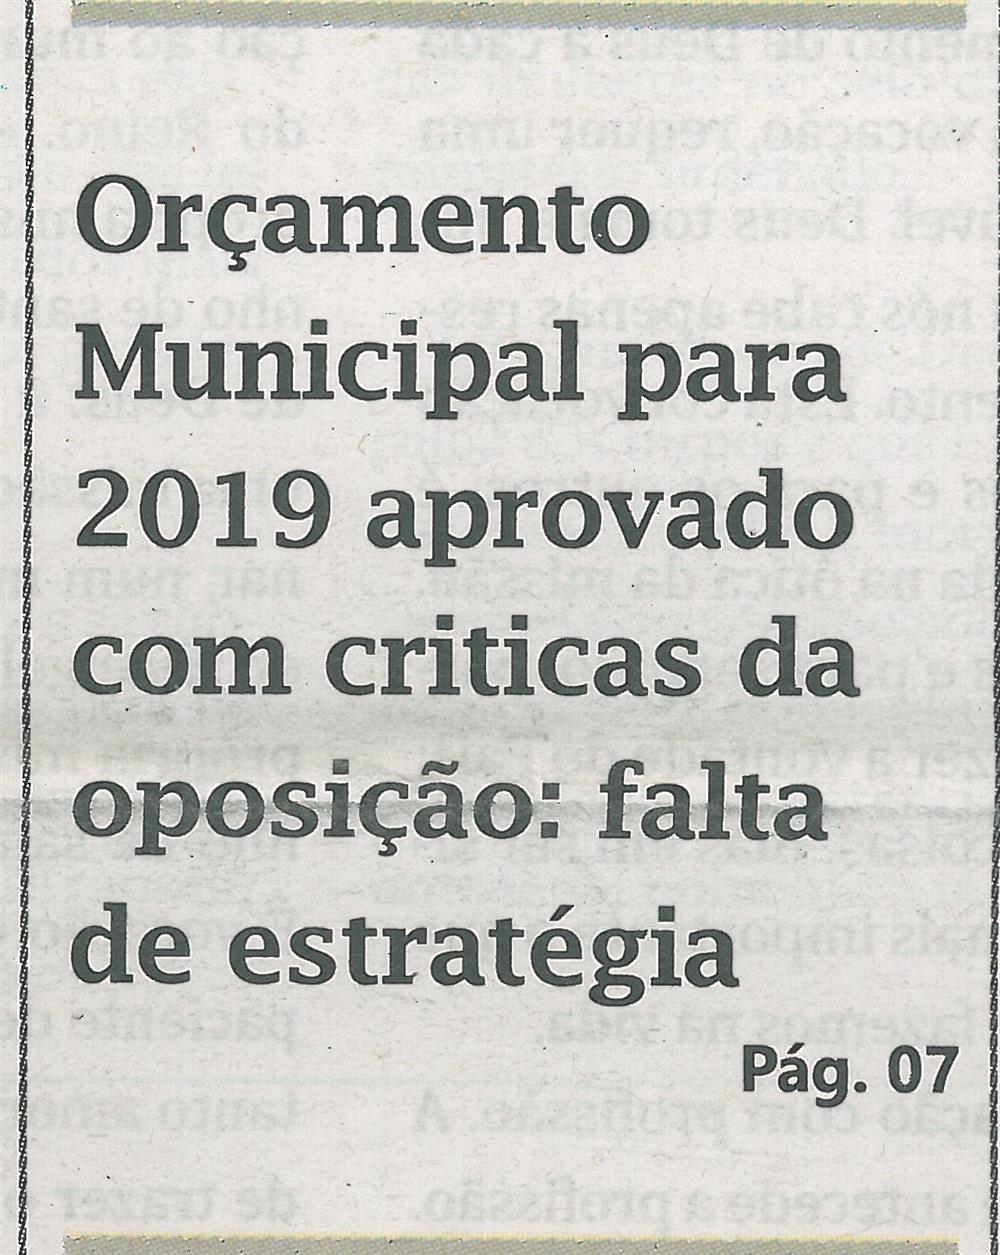 Orçamento Municipal  para 2019 aprovado com criticas da oposição.jpg